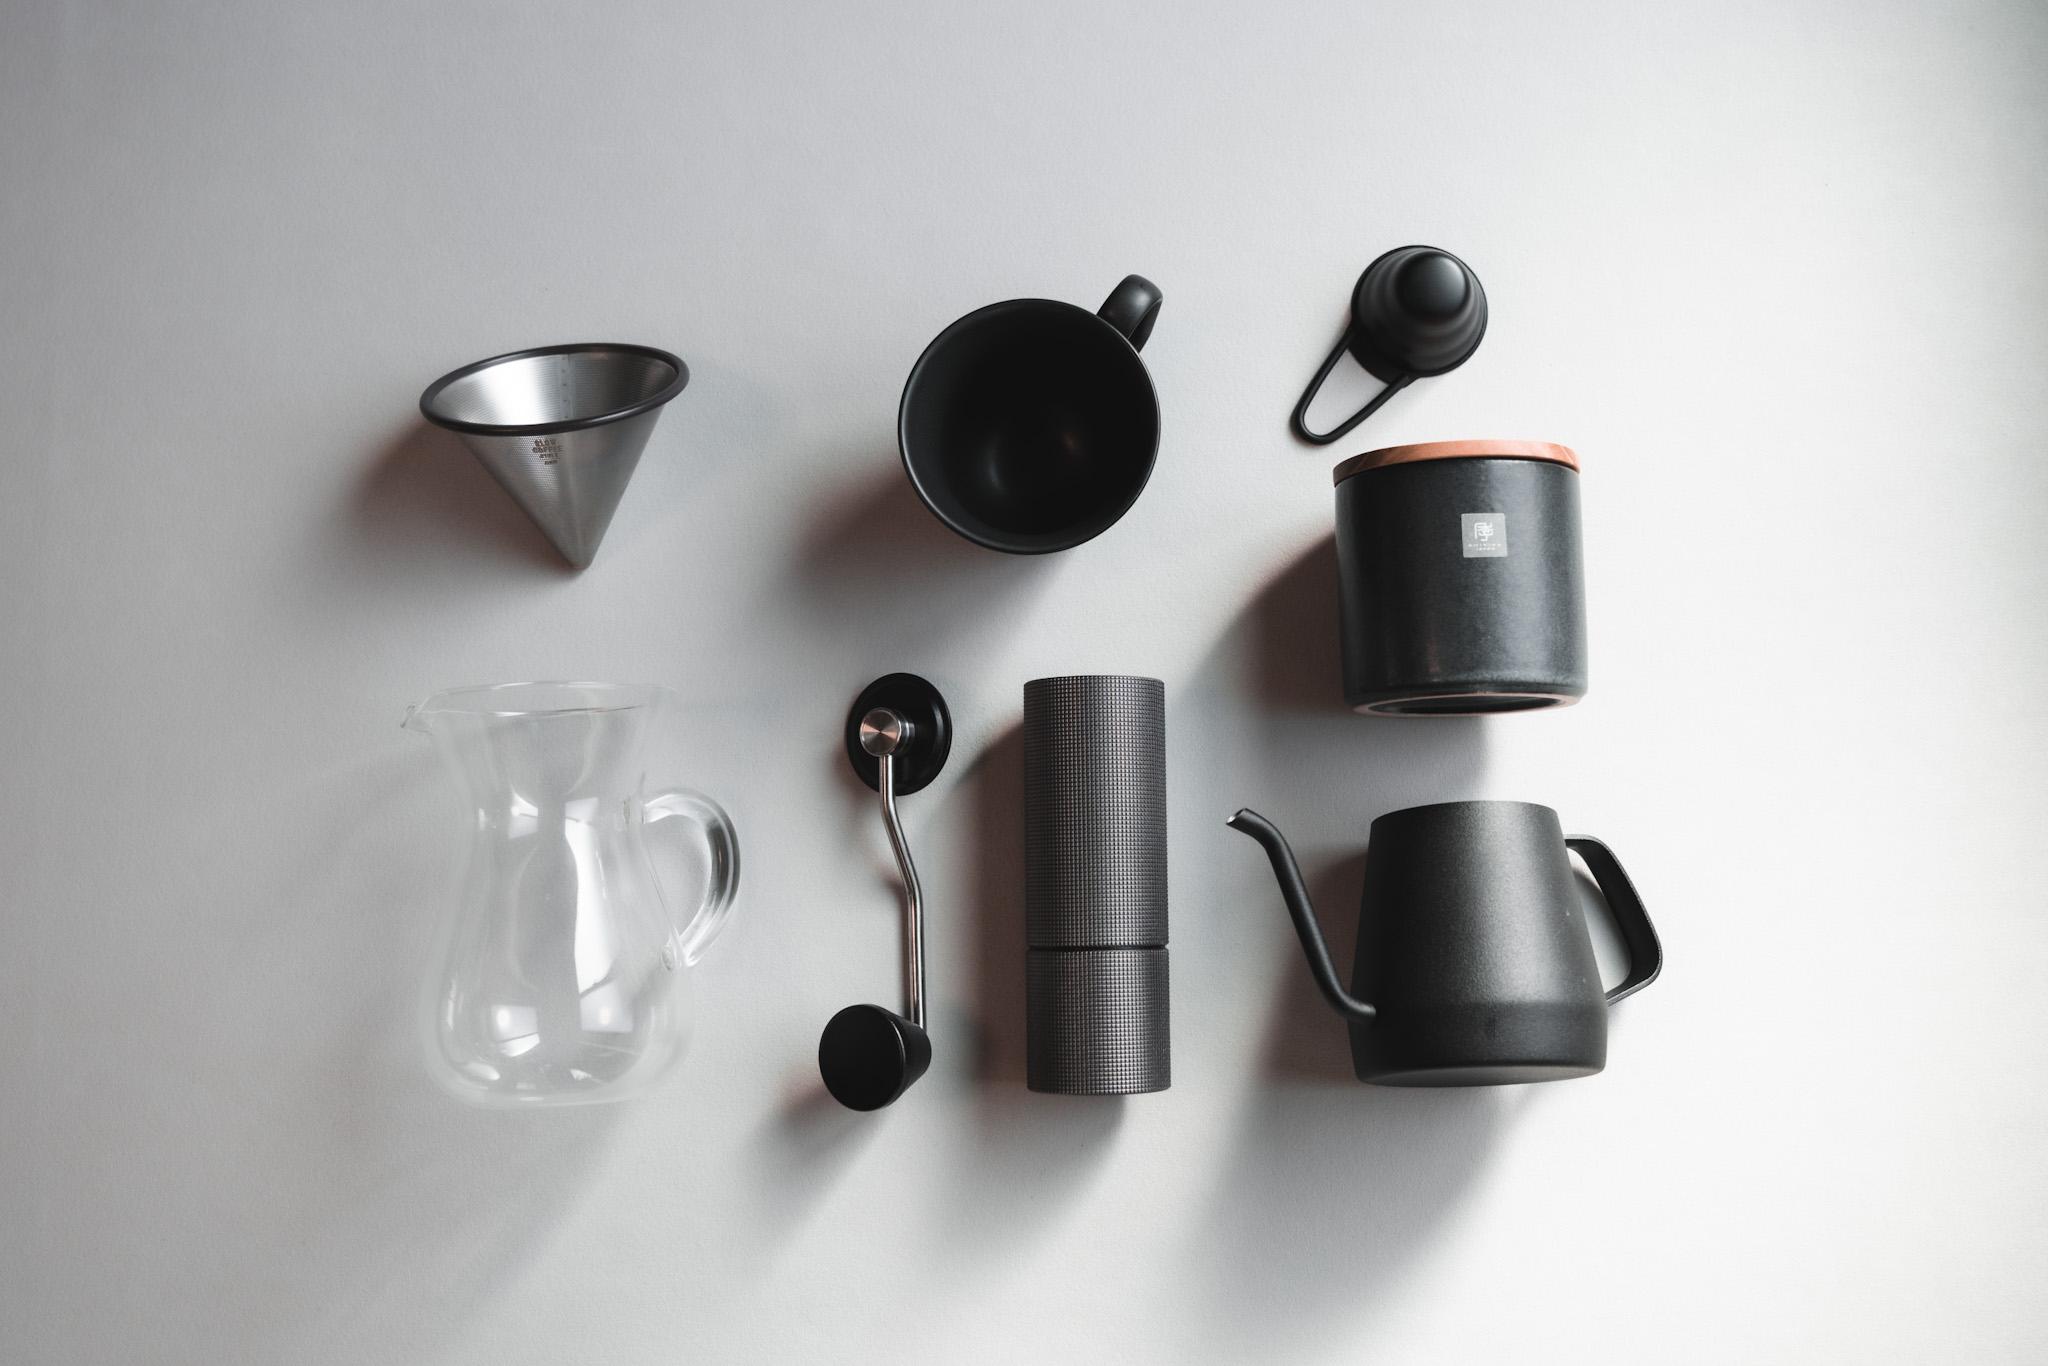 コーヒー初心者が最初に揃えたこだわりの厳選ミニマル器具たち